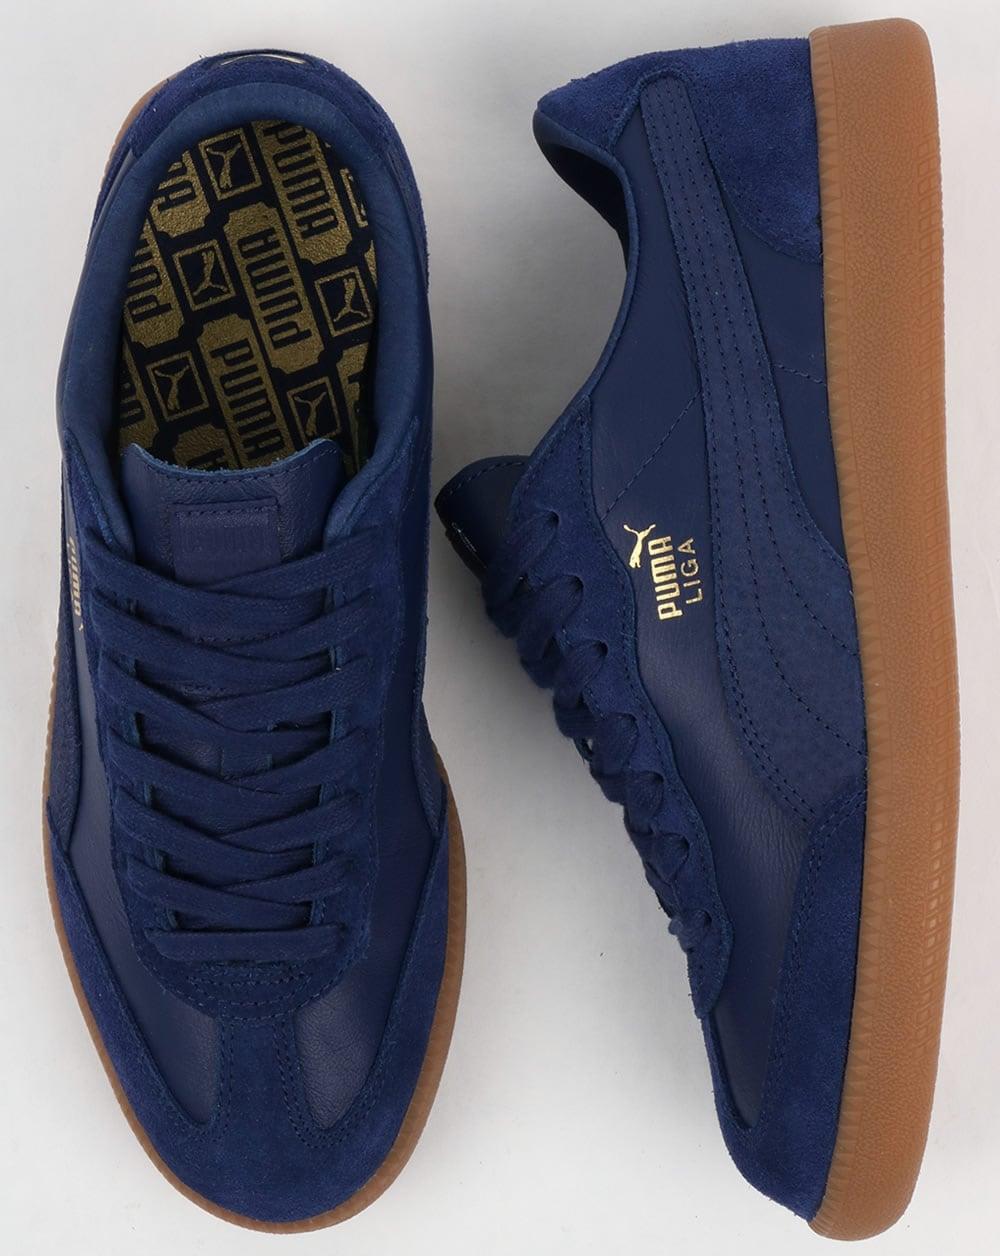 Puma Liga Leather - Blue